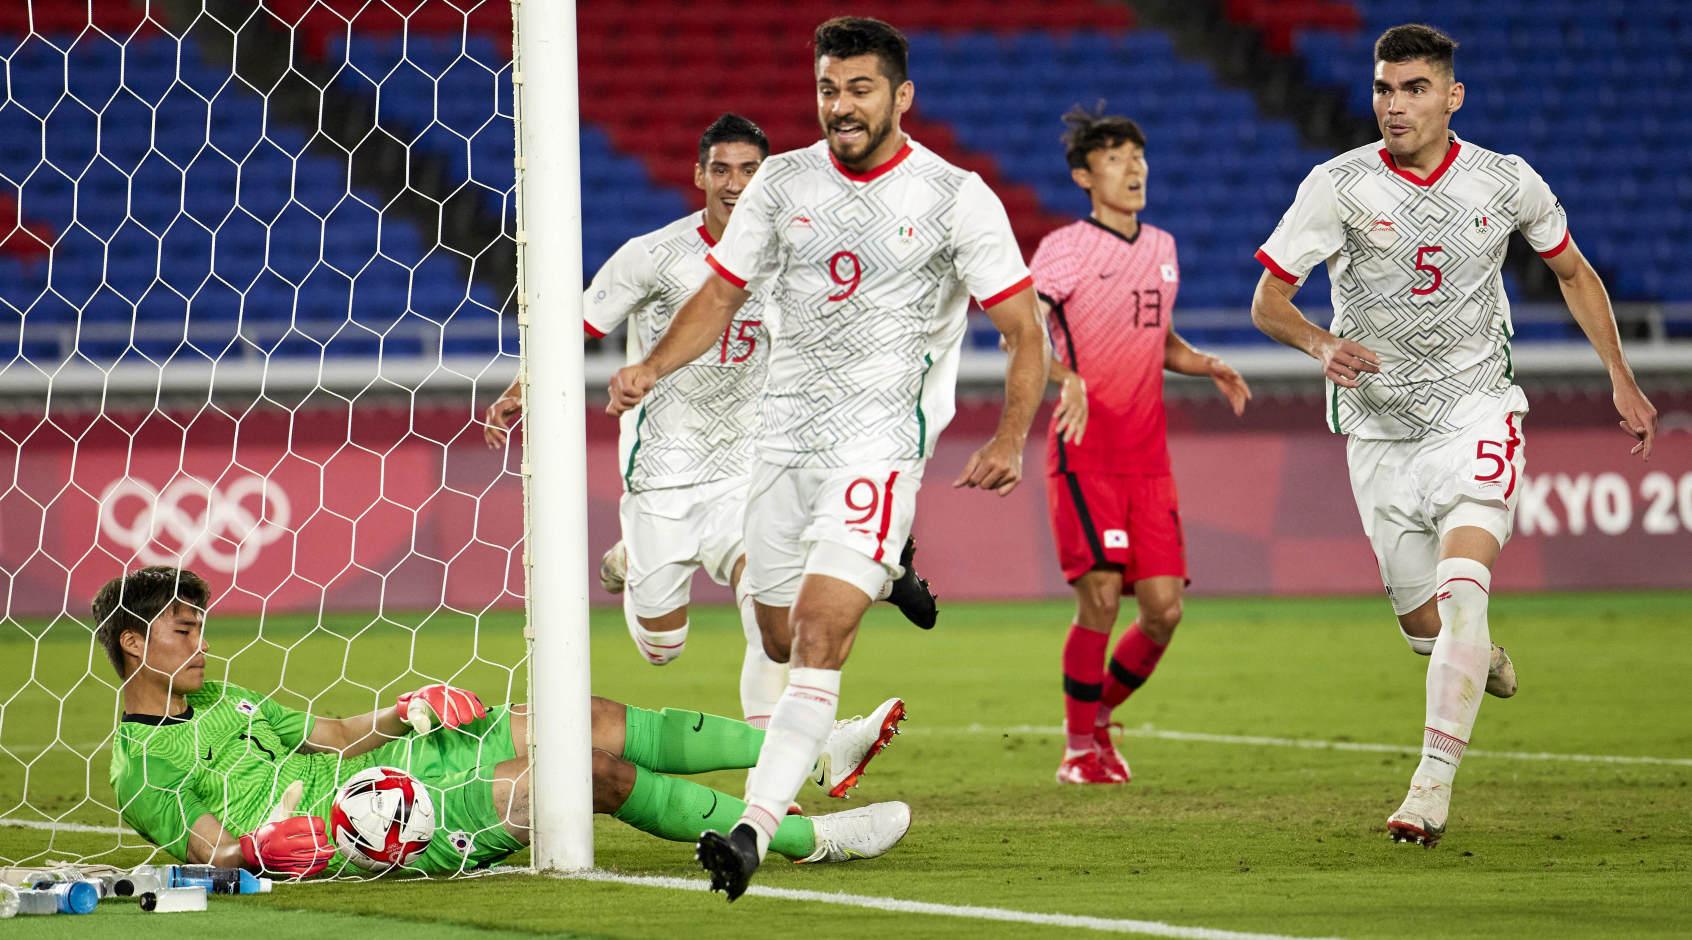 Сборные Японии и Мексики торжествуют в четвертьфинале на Олимпиаде в Токио – стали известны пары 1/2 финала